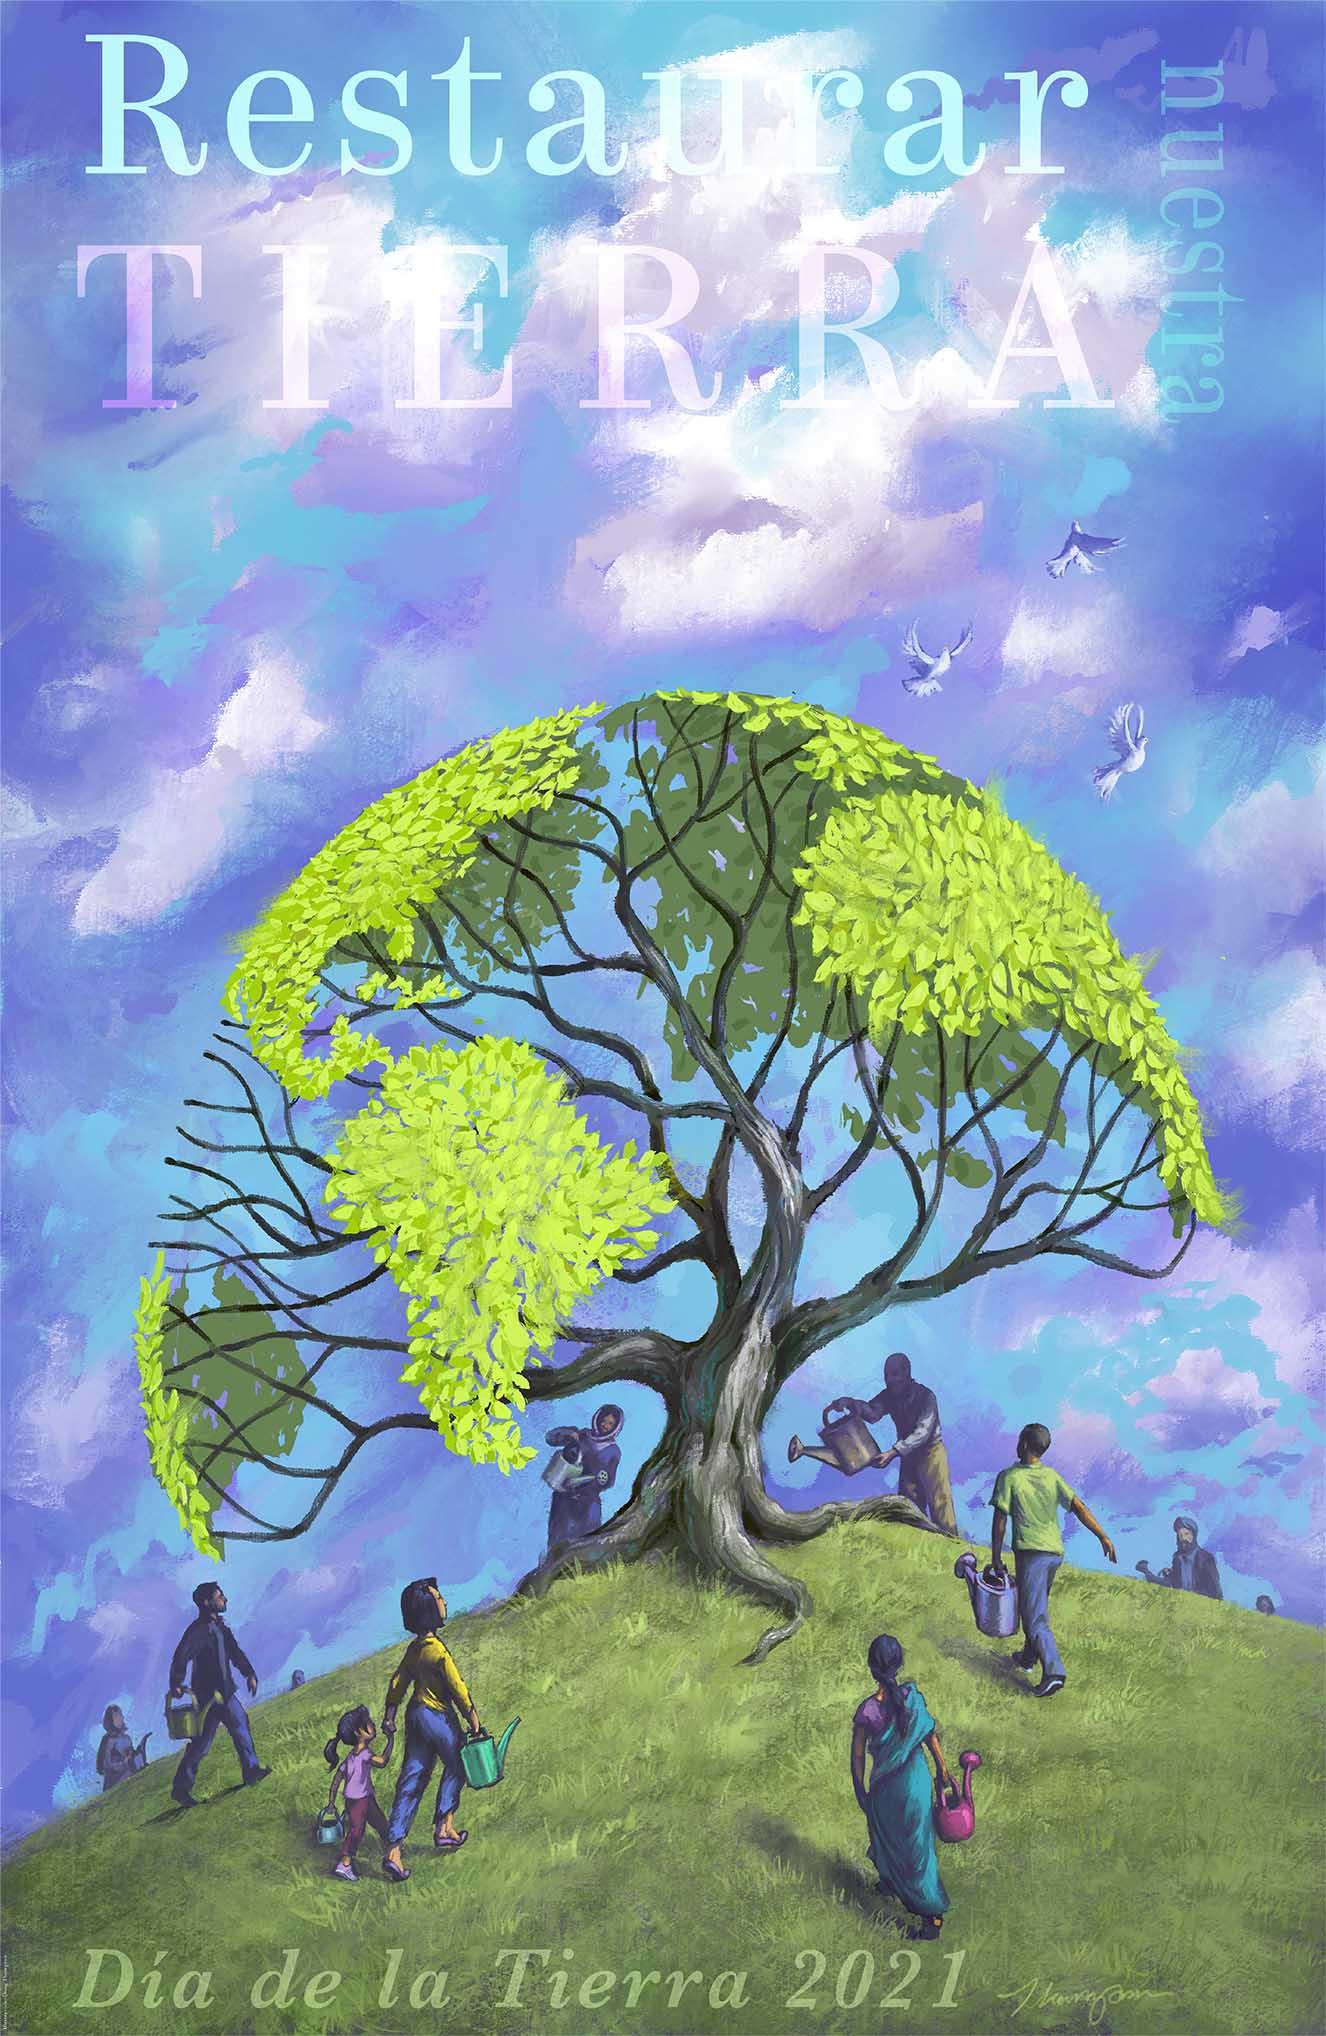 Póster ilustrado que muestra personas regando un árbol con la forma de la Tierra (Depto. de Estado de EE. UU./D. Thompson)